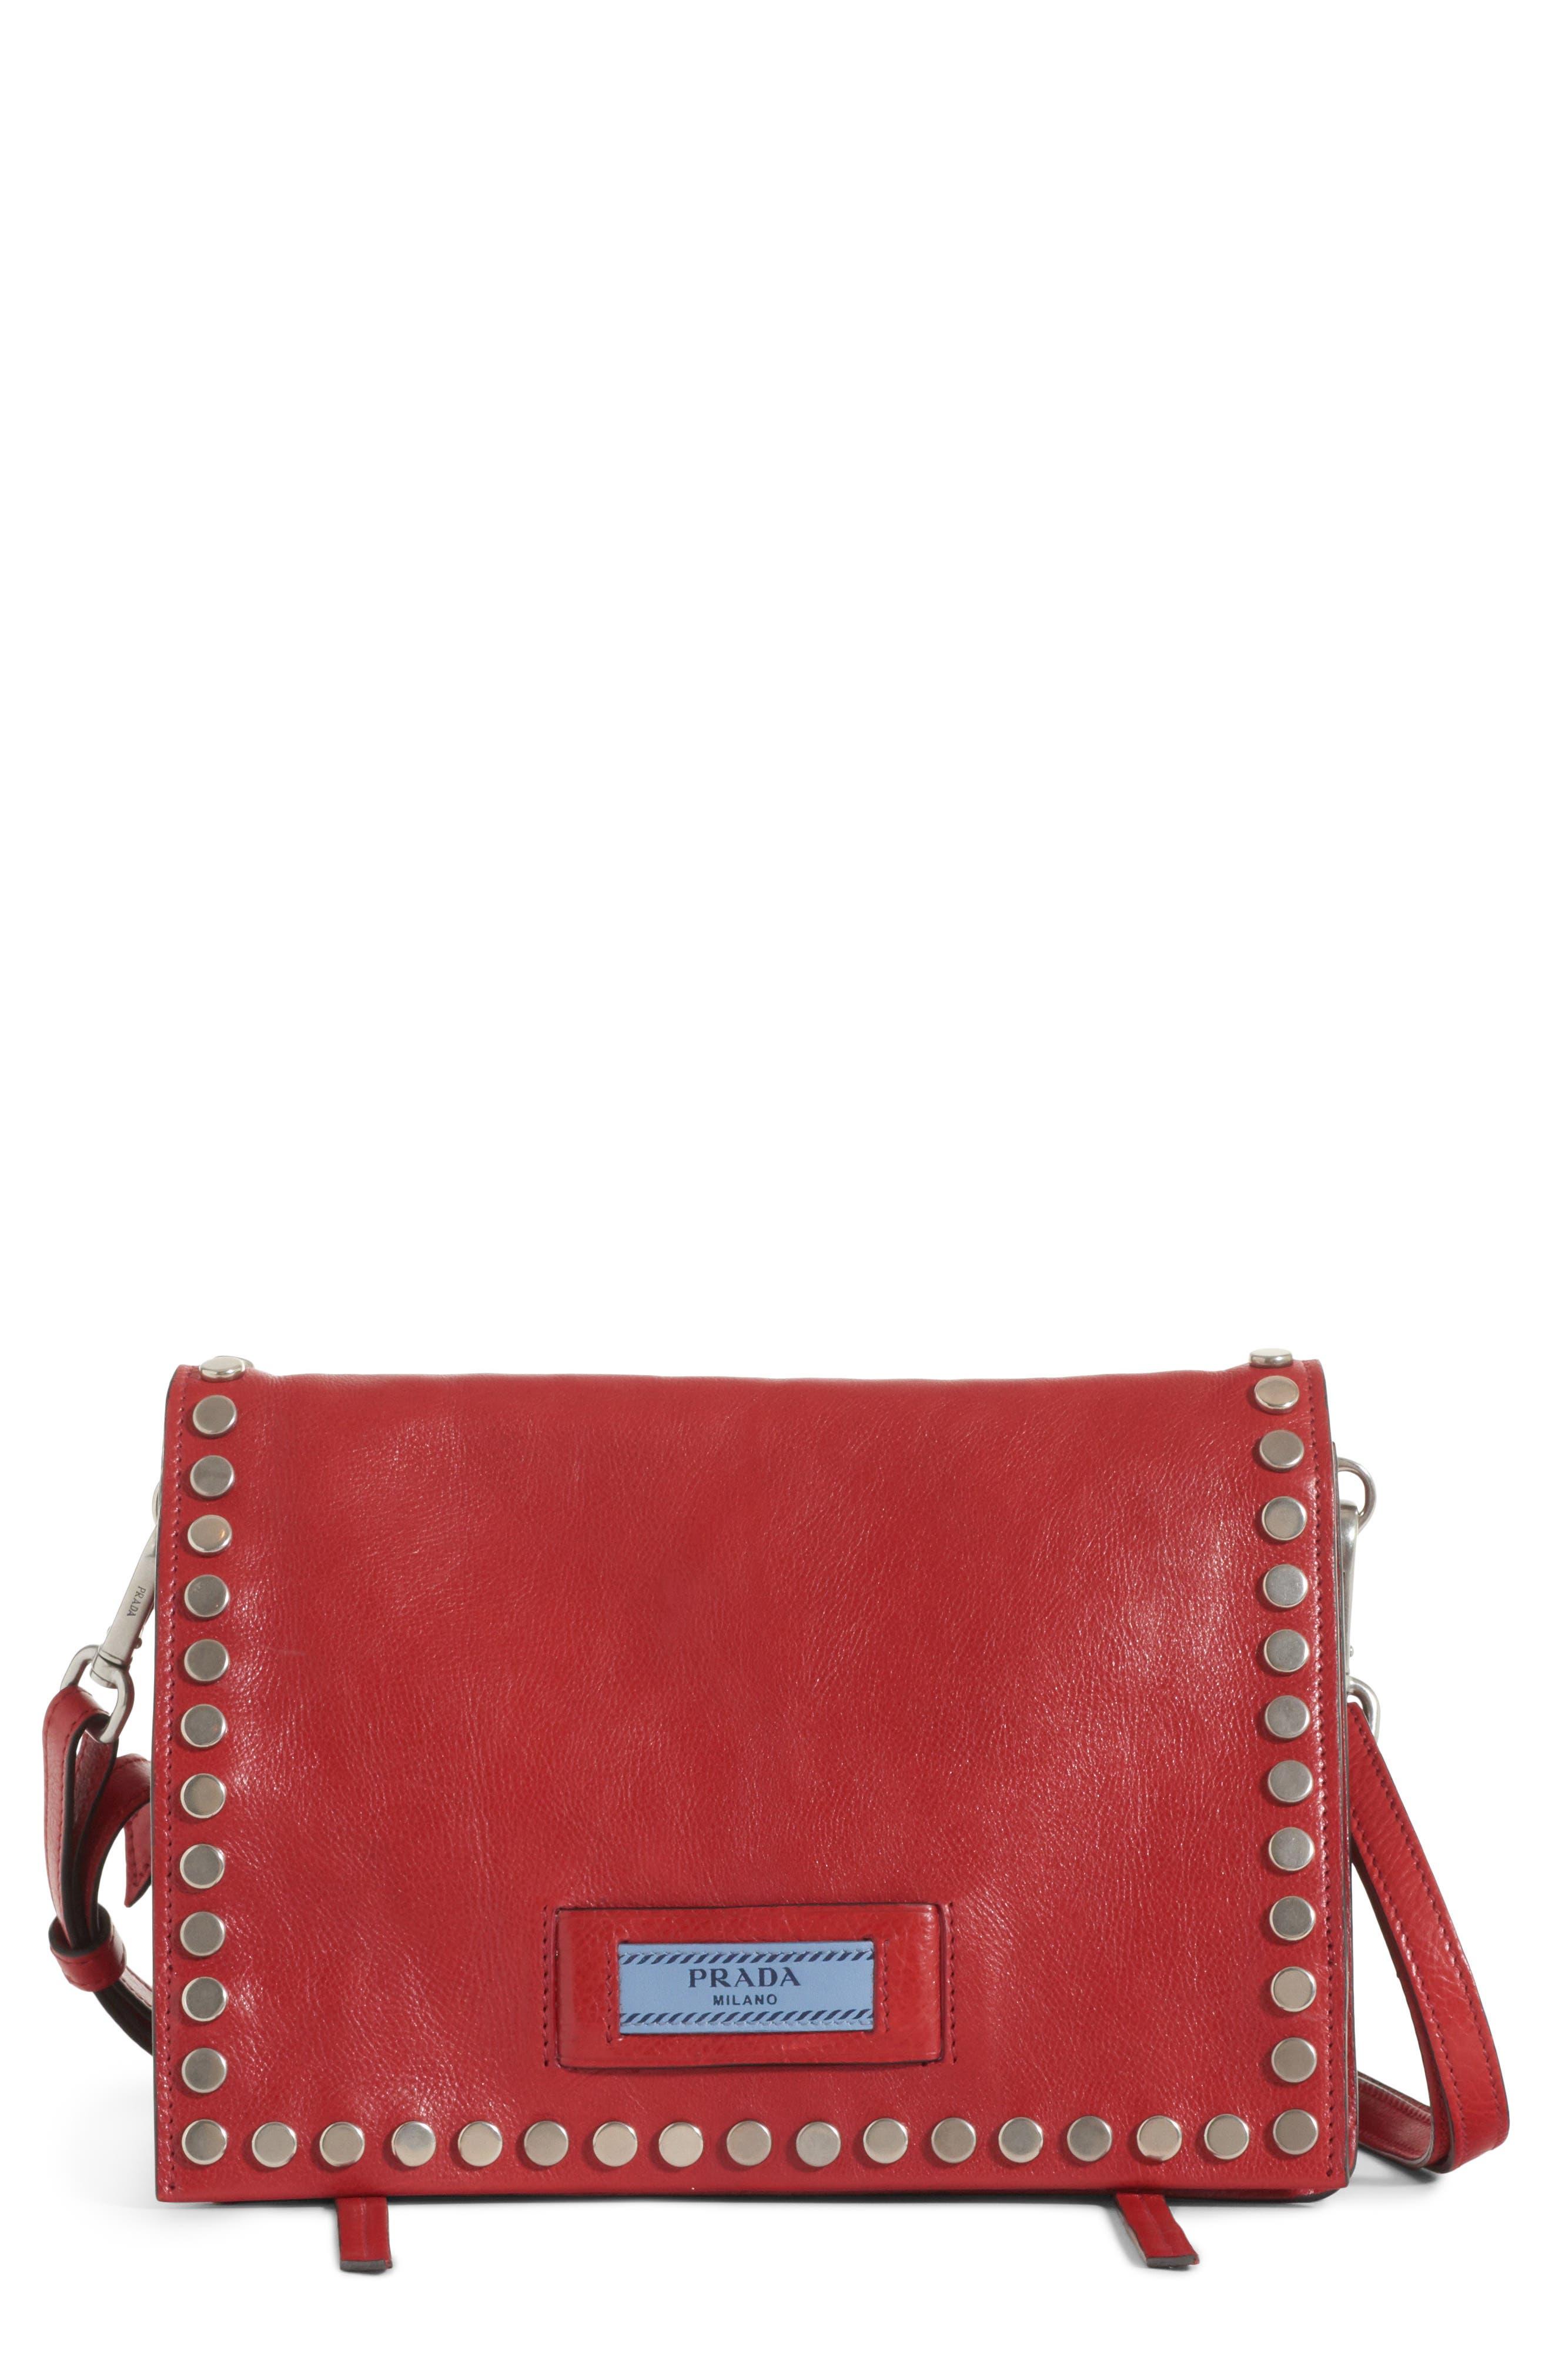 Prada Small Etiquette Patch Bag